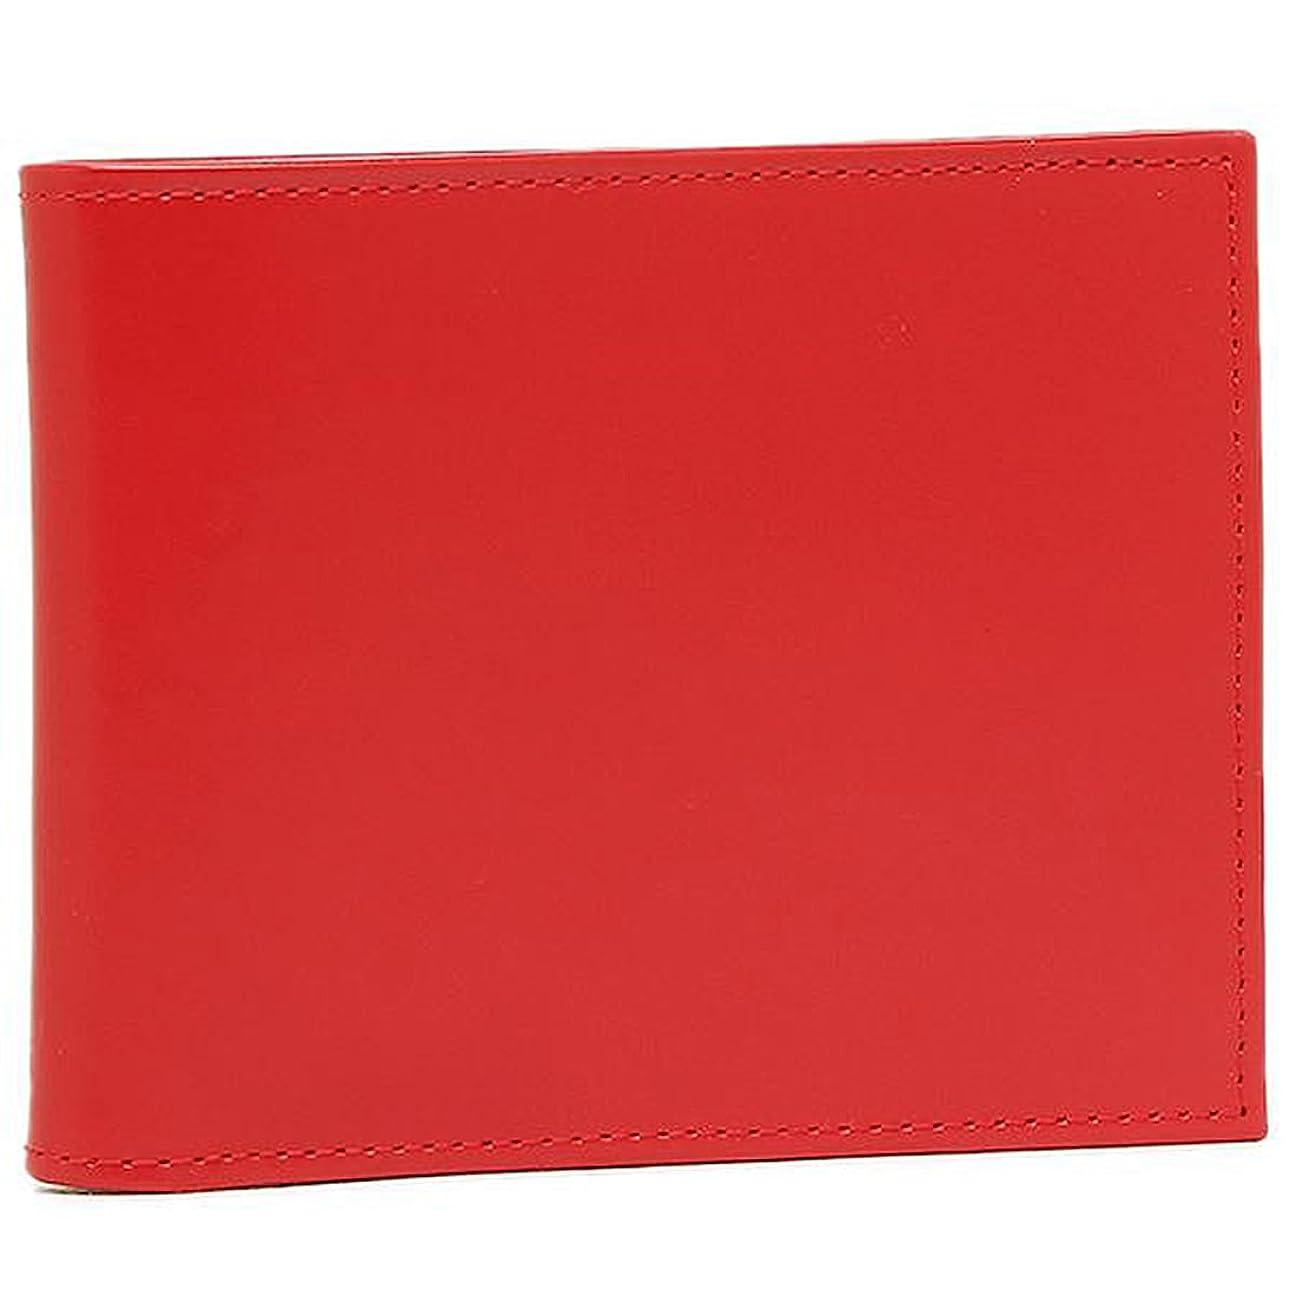 歩き回る遅れ証人(エッティンガー) ETTINGER エッティンガー 財布 ETTINGER BH030CJR BRIDE HIDE COLLECTION BILLFOLD WALLET WITH 6 C/C メンズ 二つ折り財布 RED/YELLOW [並行輸入品]